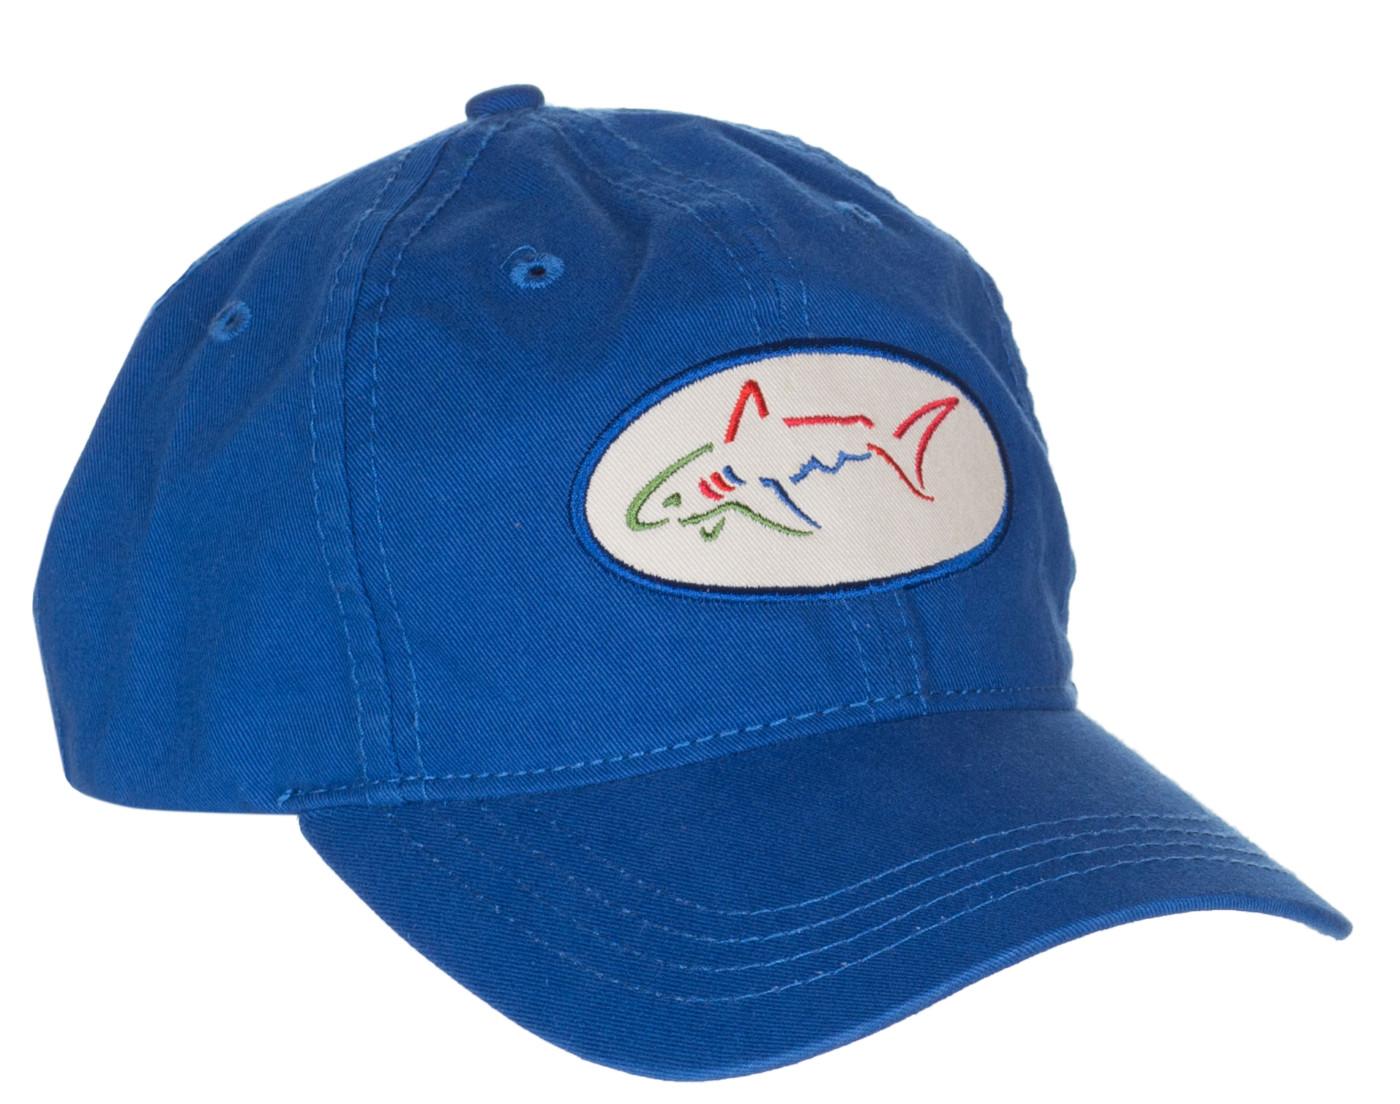 Greg Norman For Tasso Elba Men's Blue Shark Logo Collegiate Cap Hat